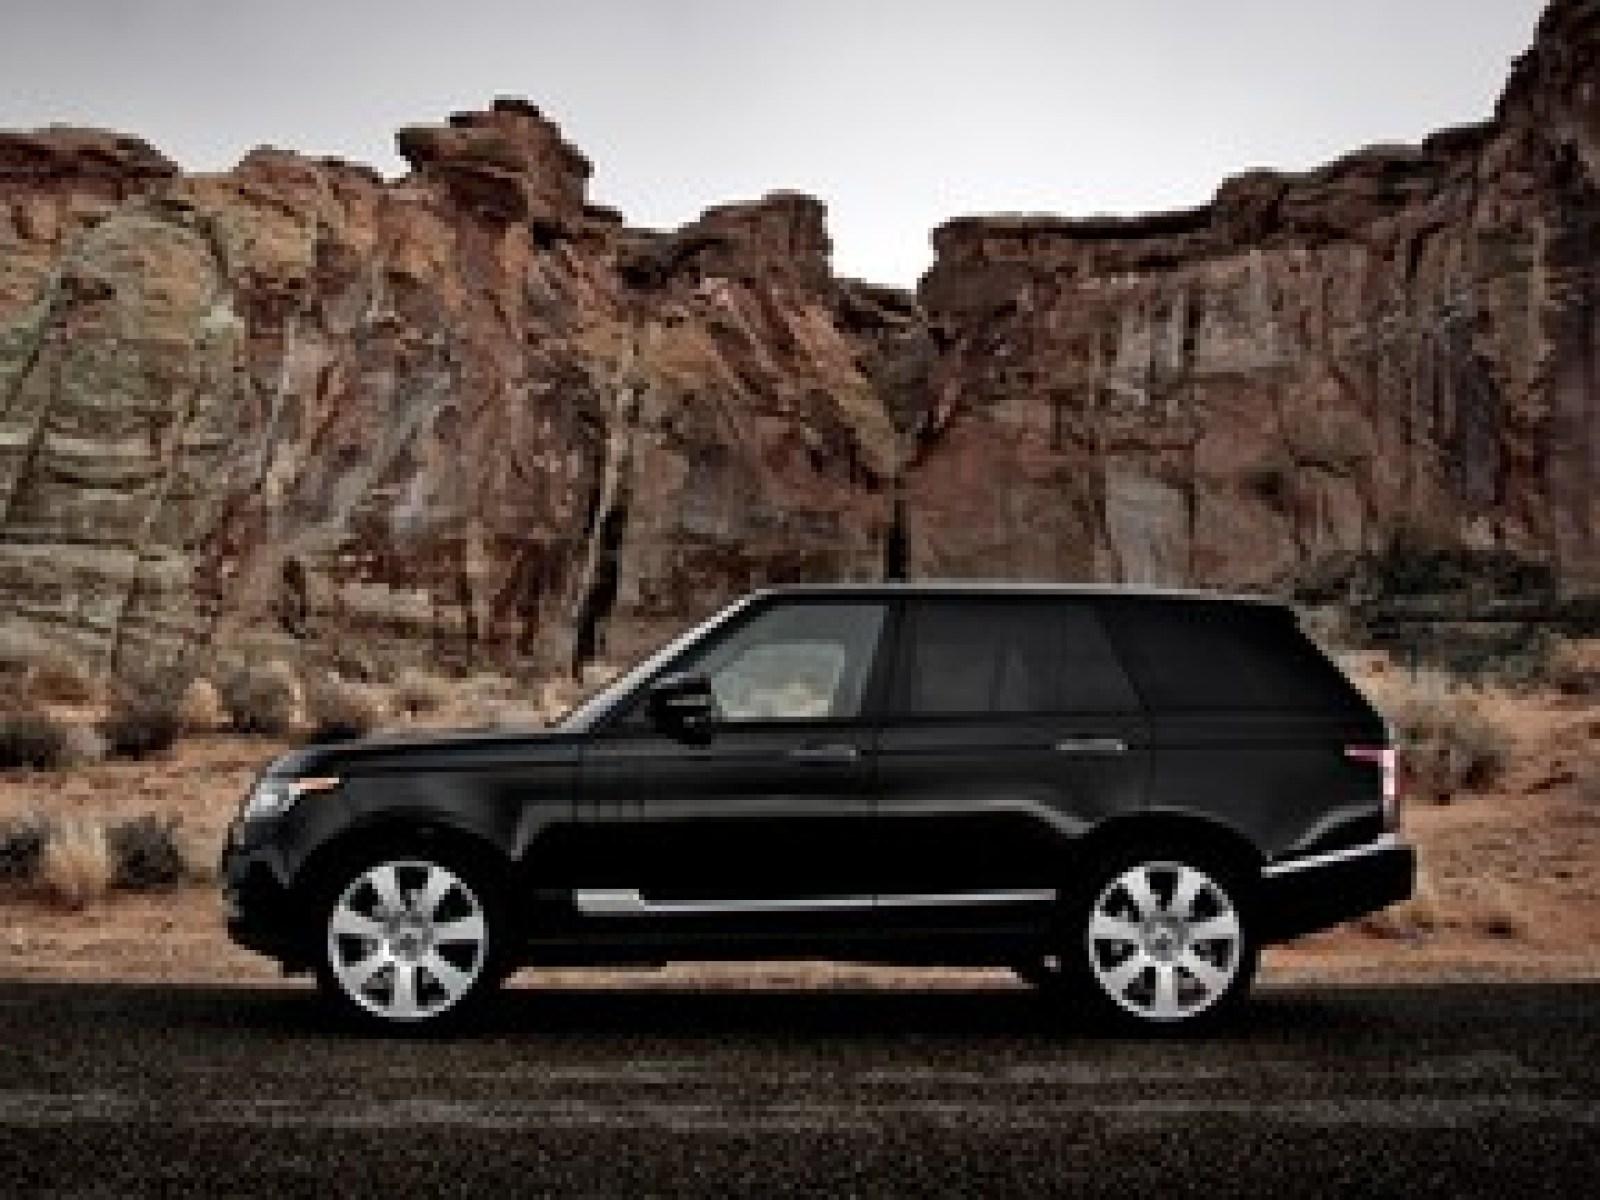 A 2013 Land Rover Range Rover